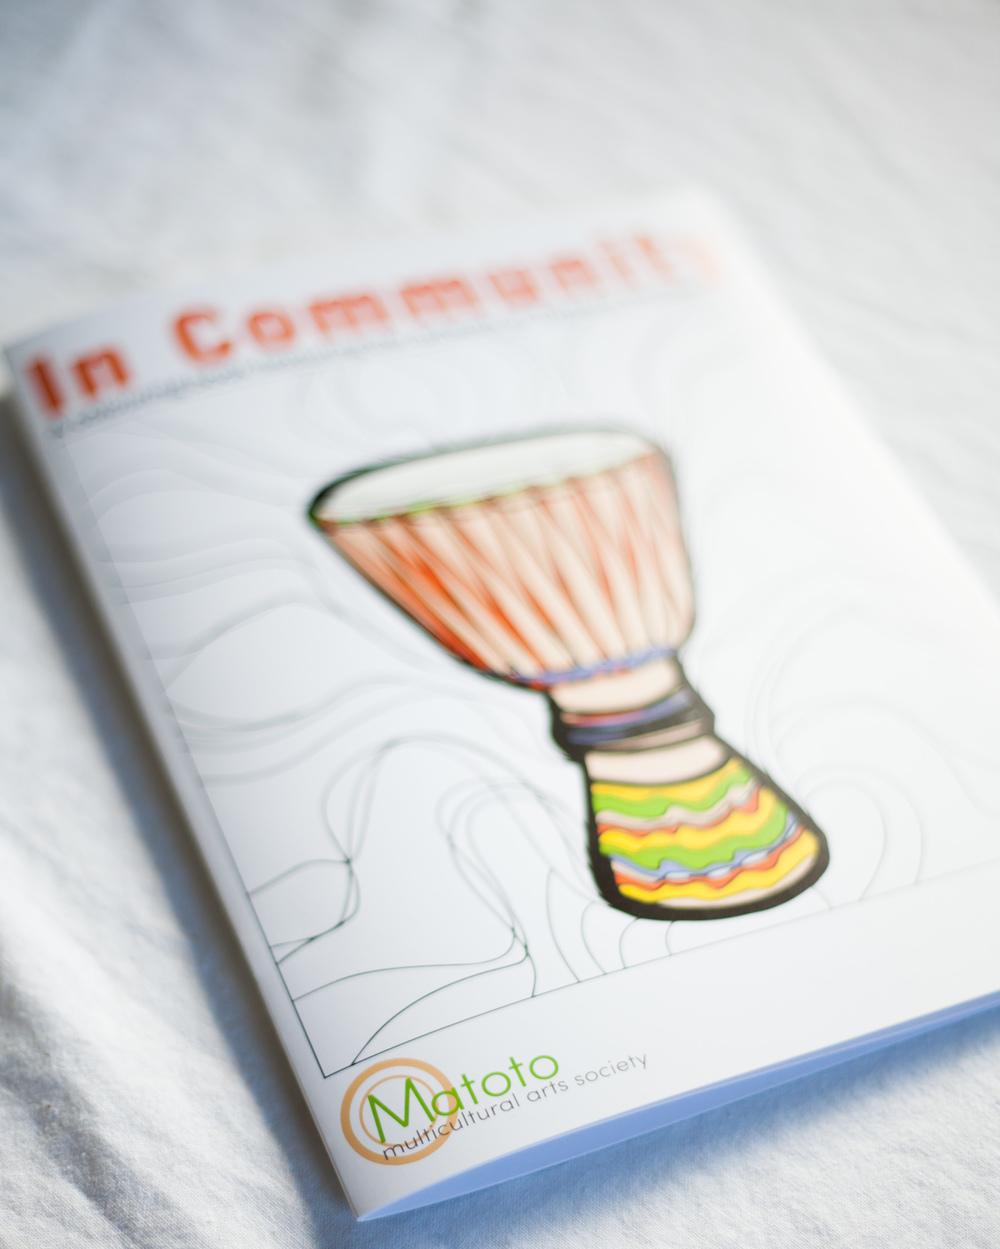 Matoto Colouring Book -17.jpg